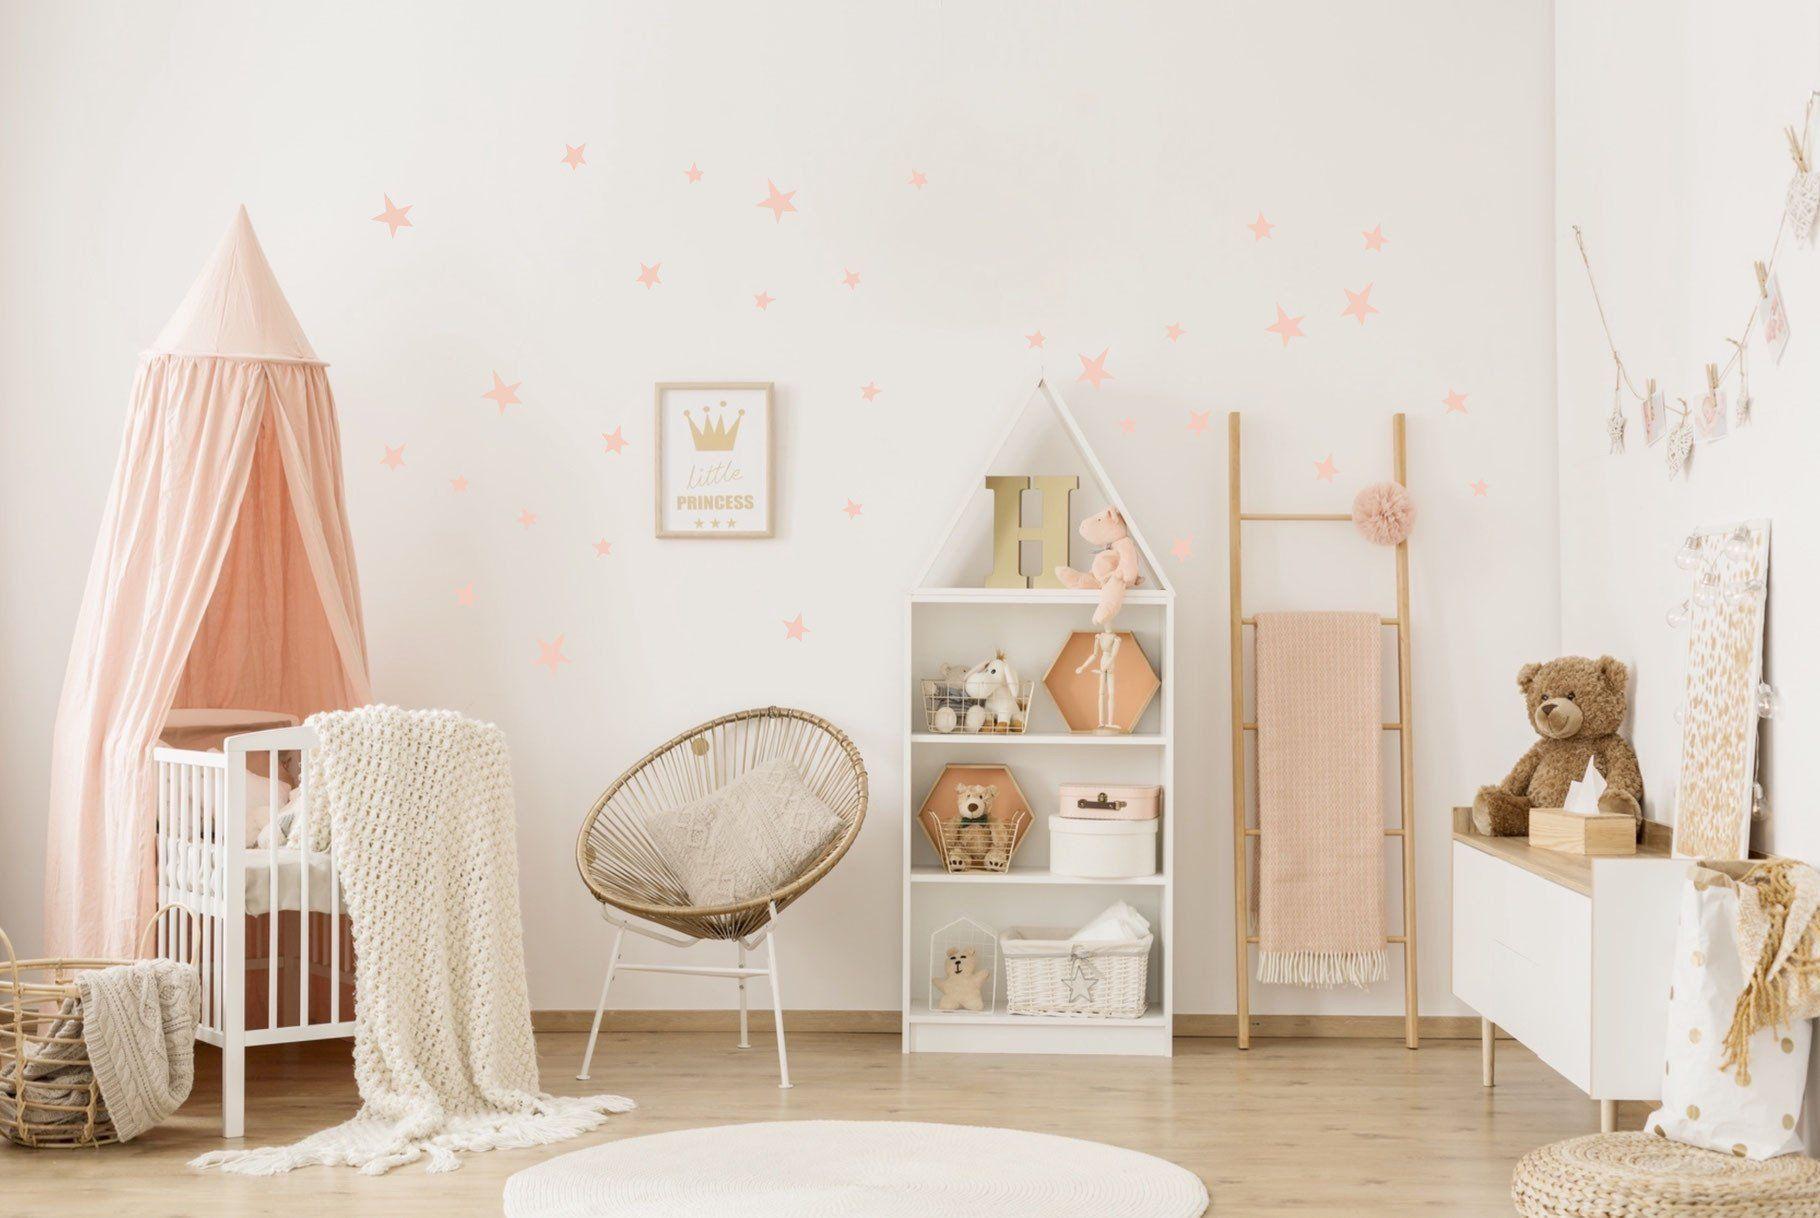 Comment Rafraichir Une Chambre De Bébé stickers muraux etoiles roses pom le bonhomme en 2020 | deco